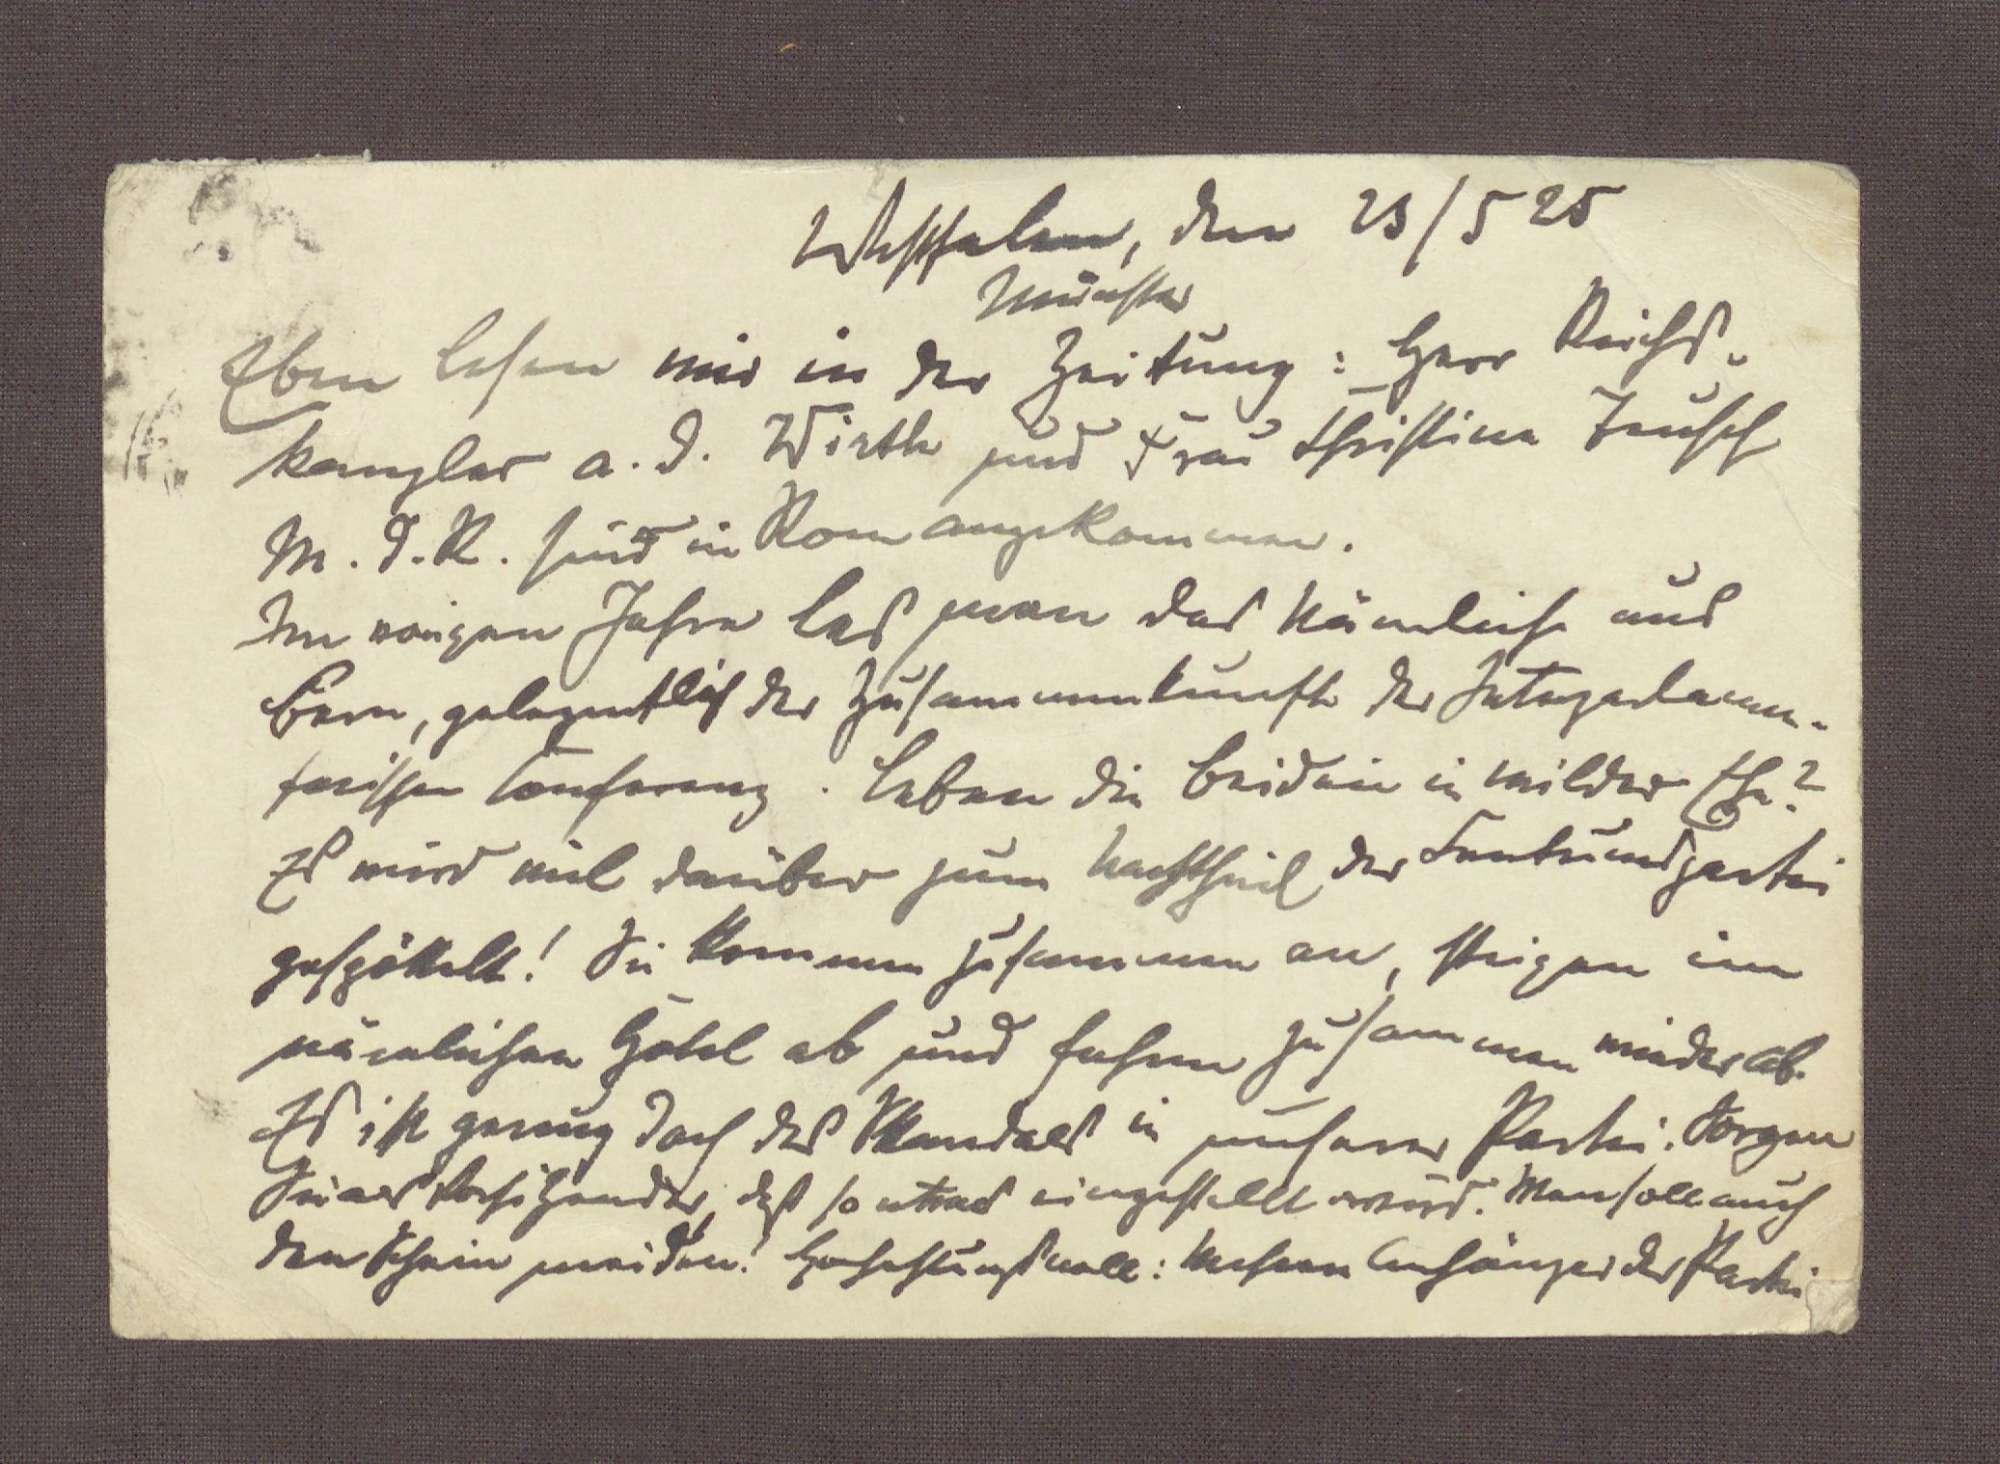 Postkarte an Constantin Fehrenbach, Kritik an einer gemeinsamen Reise von Joseph Wirth und Christine Teusch nach Rom, Bild 1